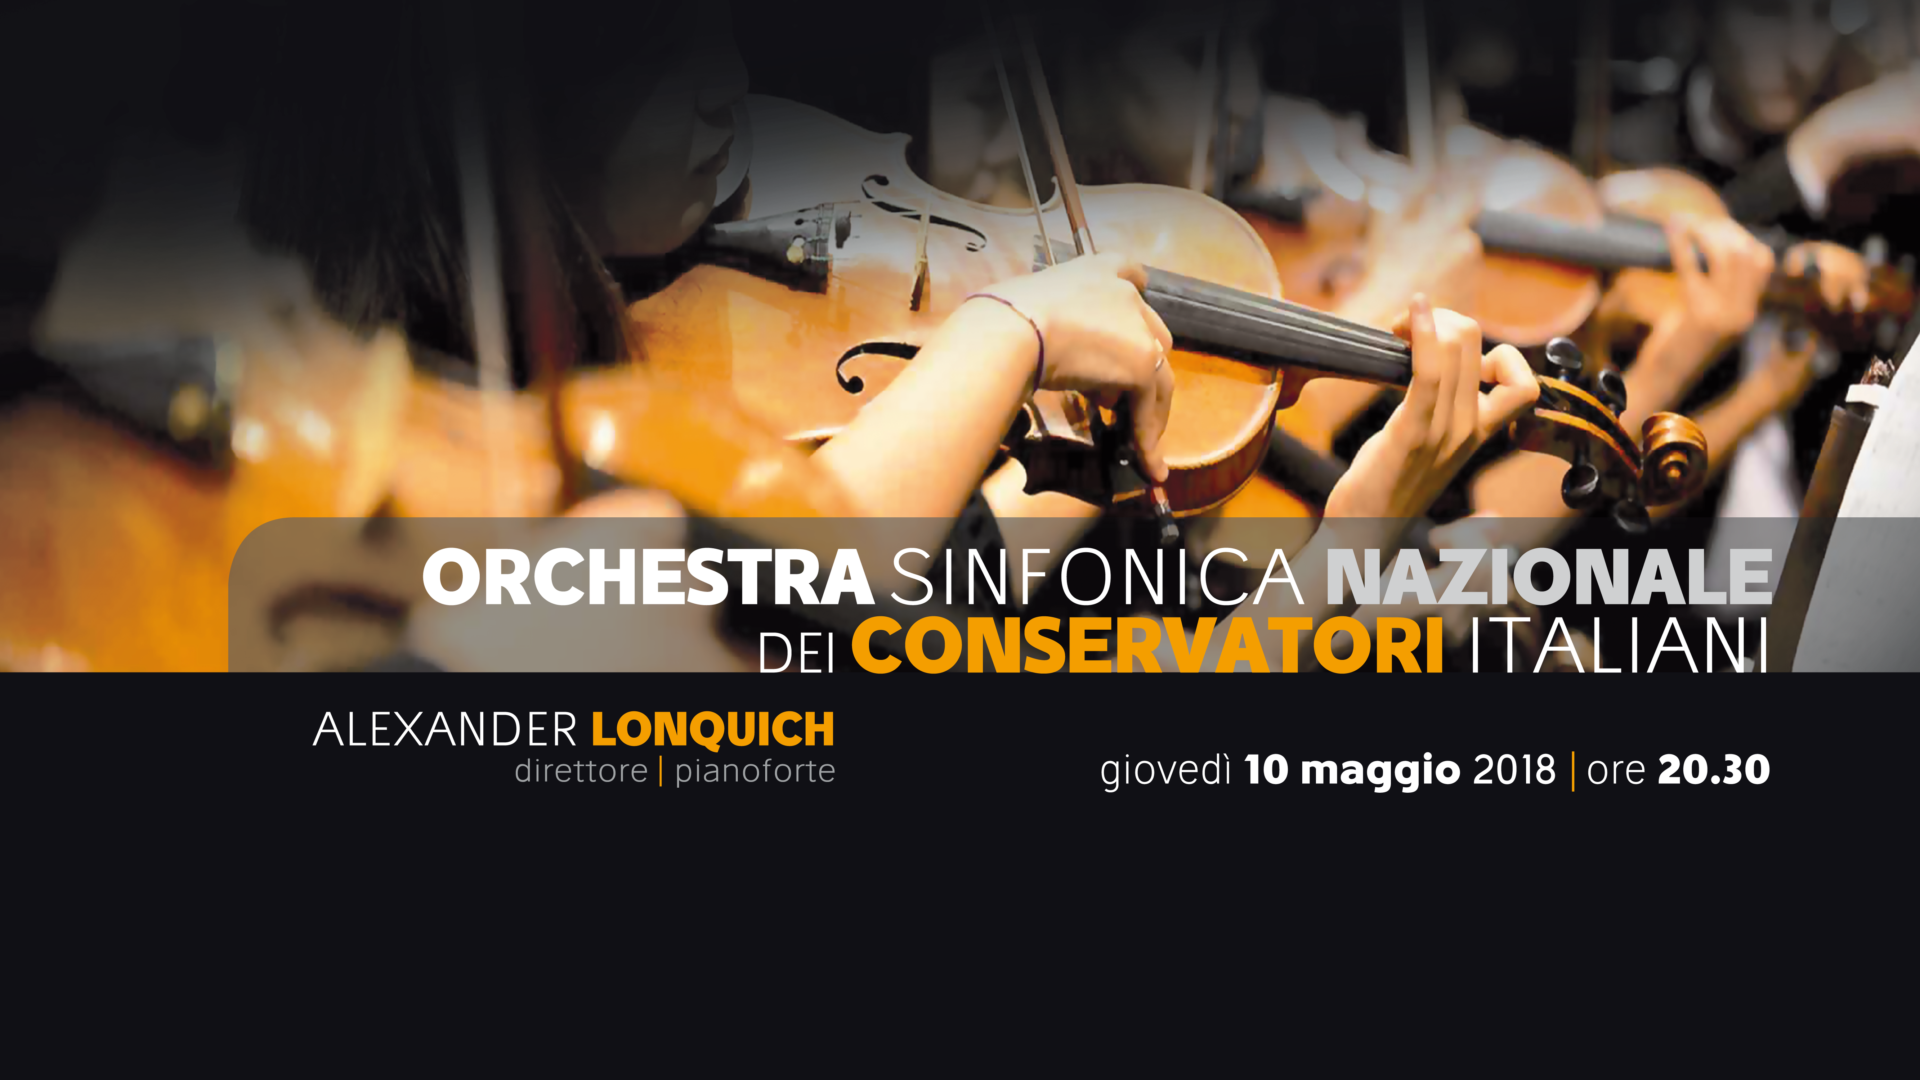 Concerto Orchestra Sinfonica Nazionale Conservatori Italiani